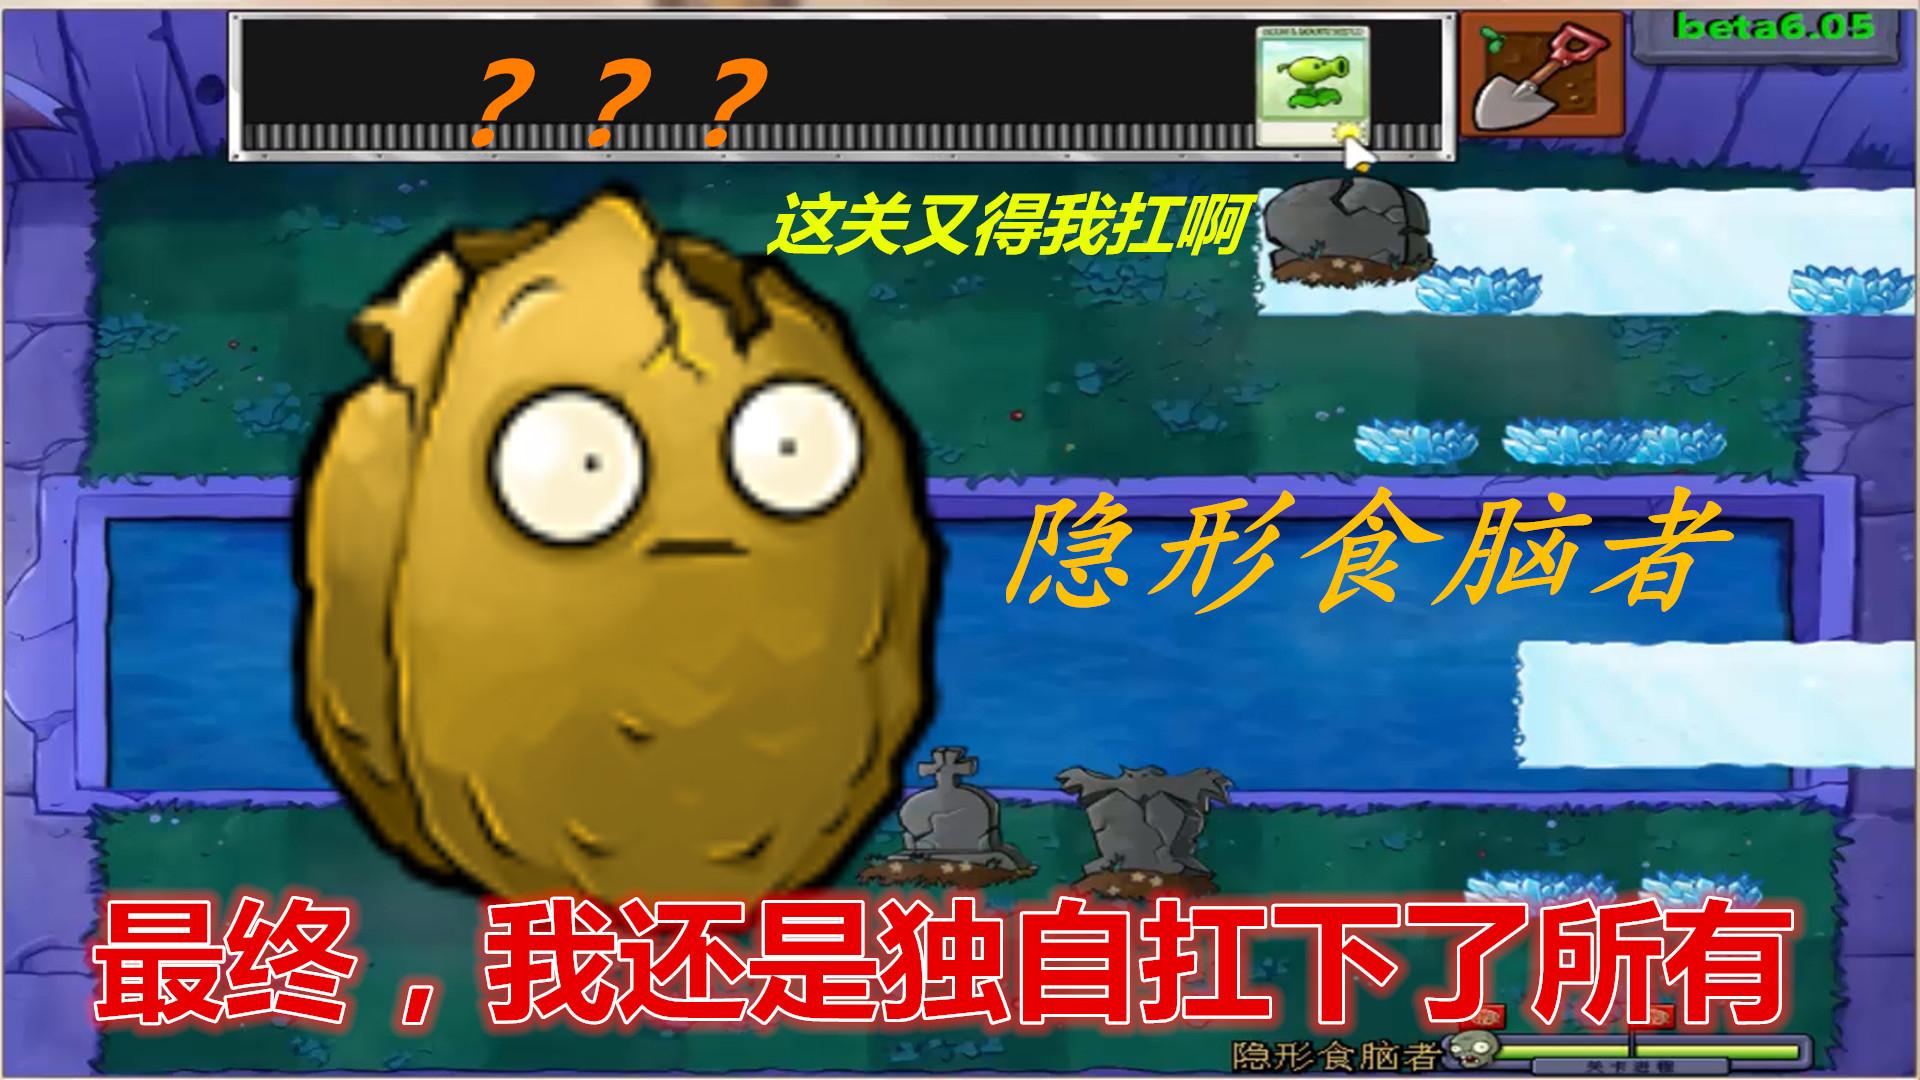 植物大战僵尸EX模式小游戏:隐形食脑者,又是赌命关卡!